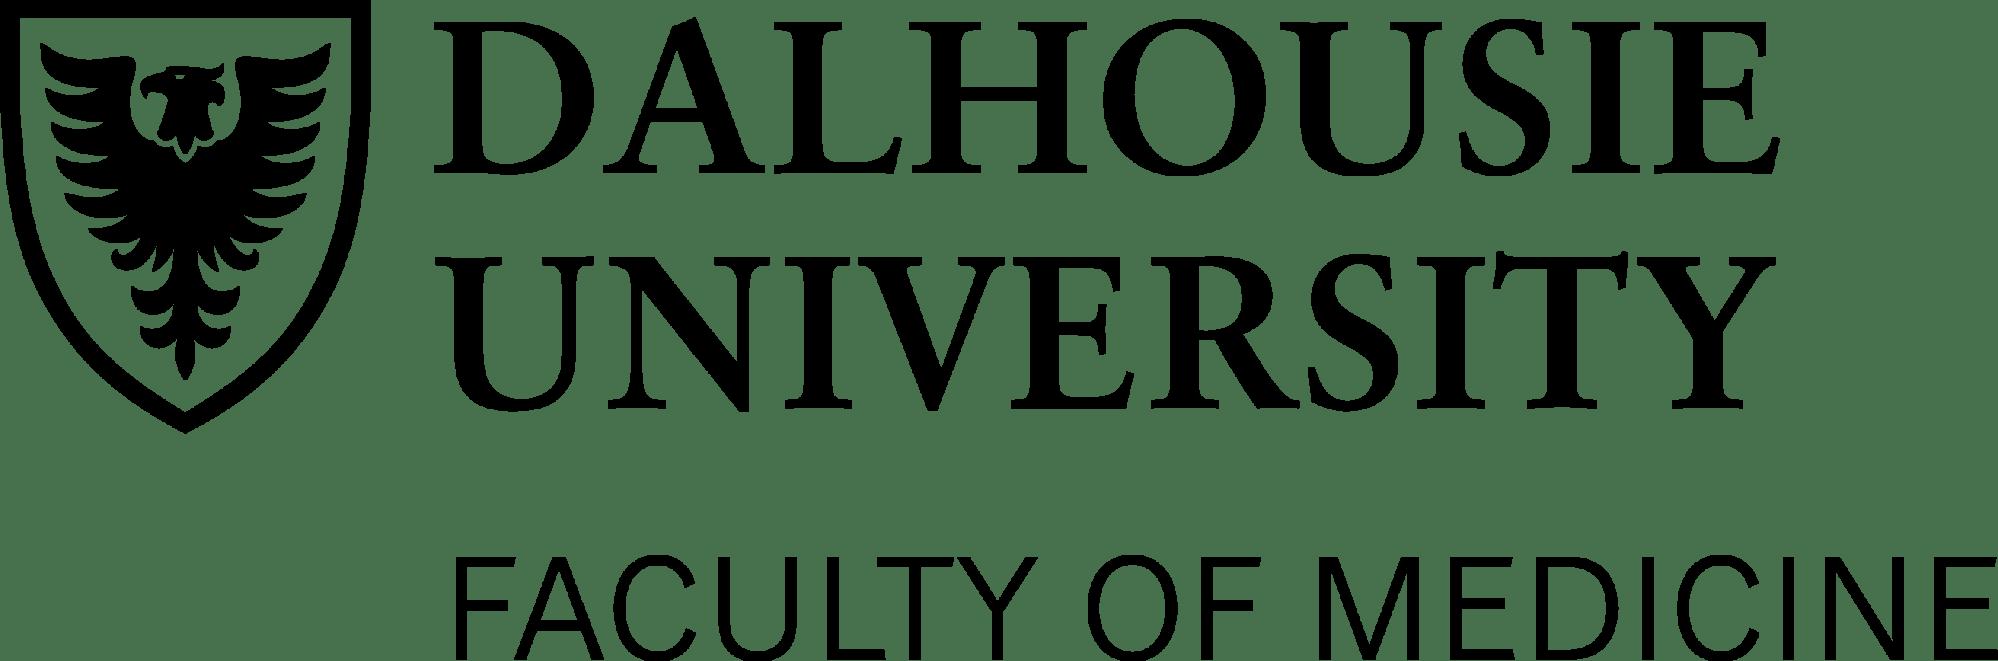 Dalhousie_medicine_logo